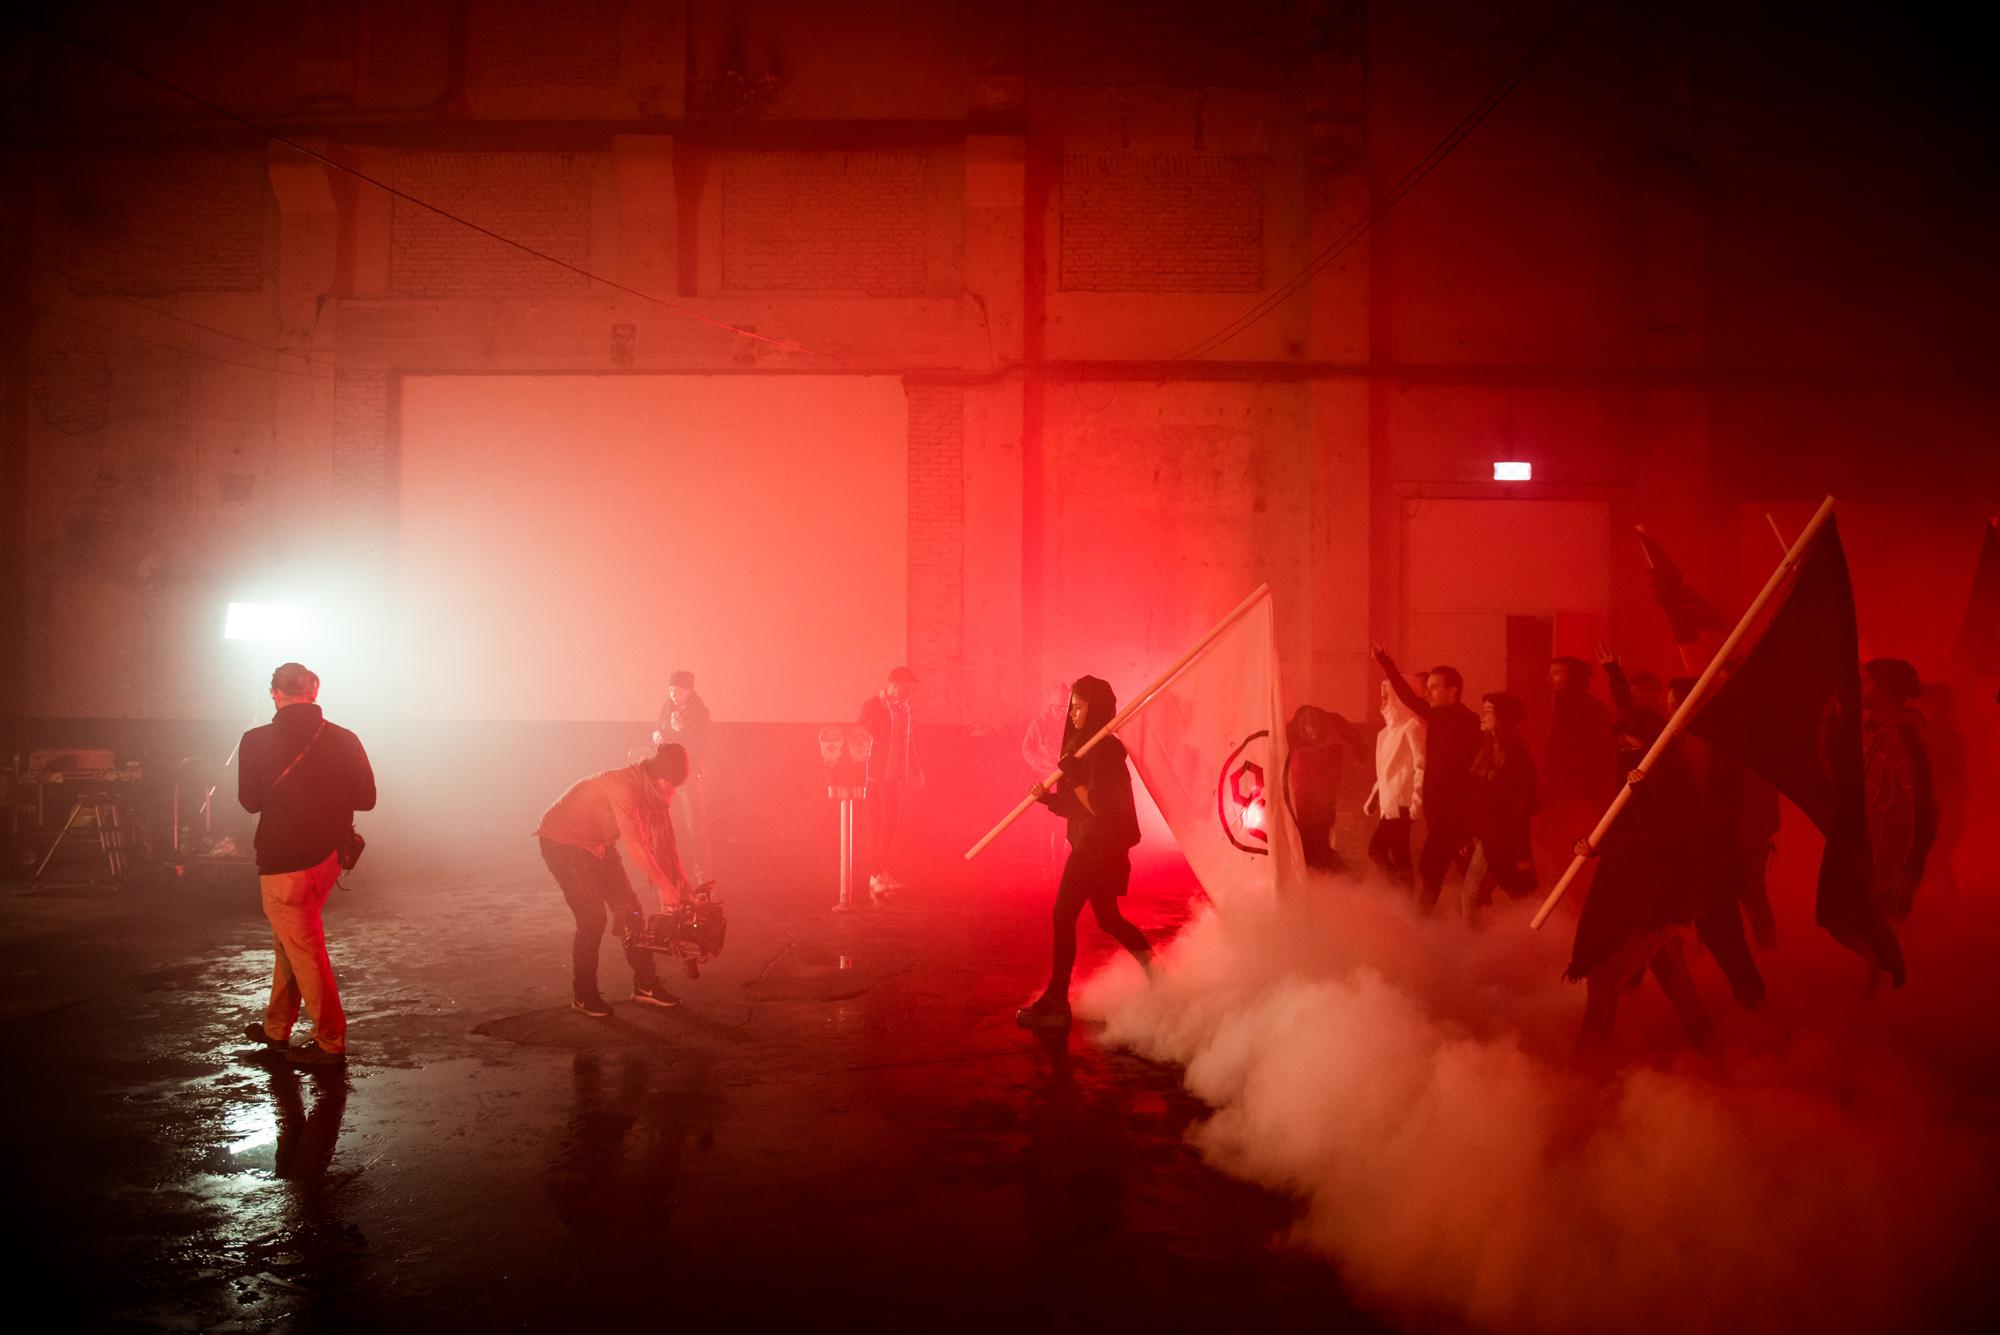 RYB Within Temptation - BTS Foto - Ruben Hamelink - klein -4.jpg